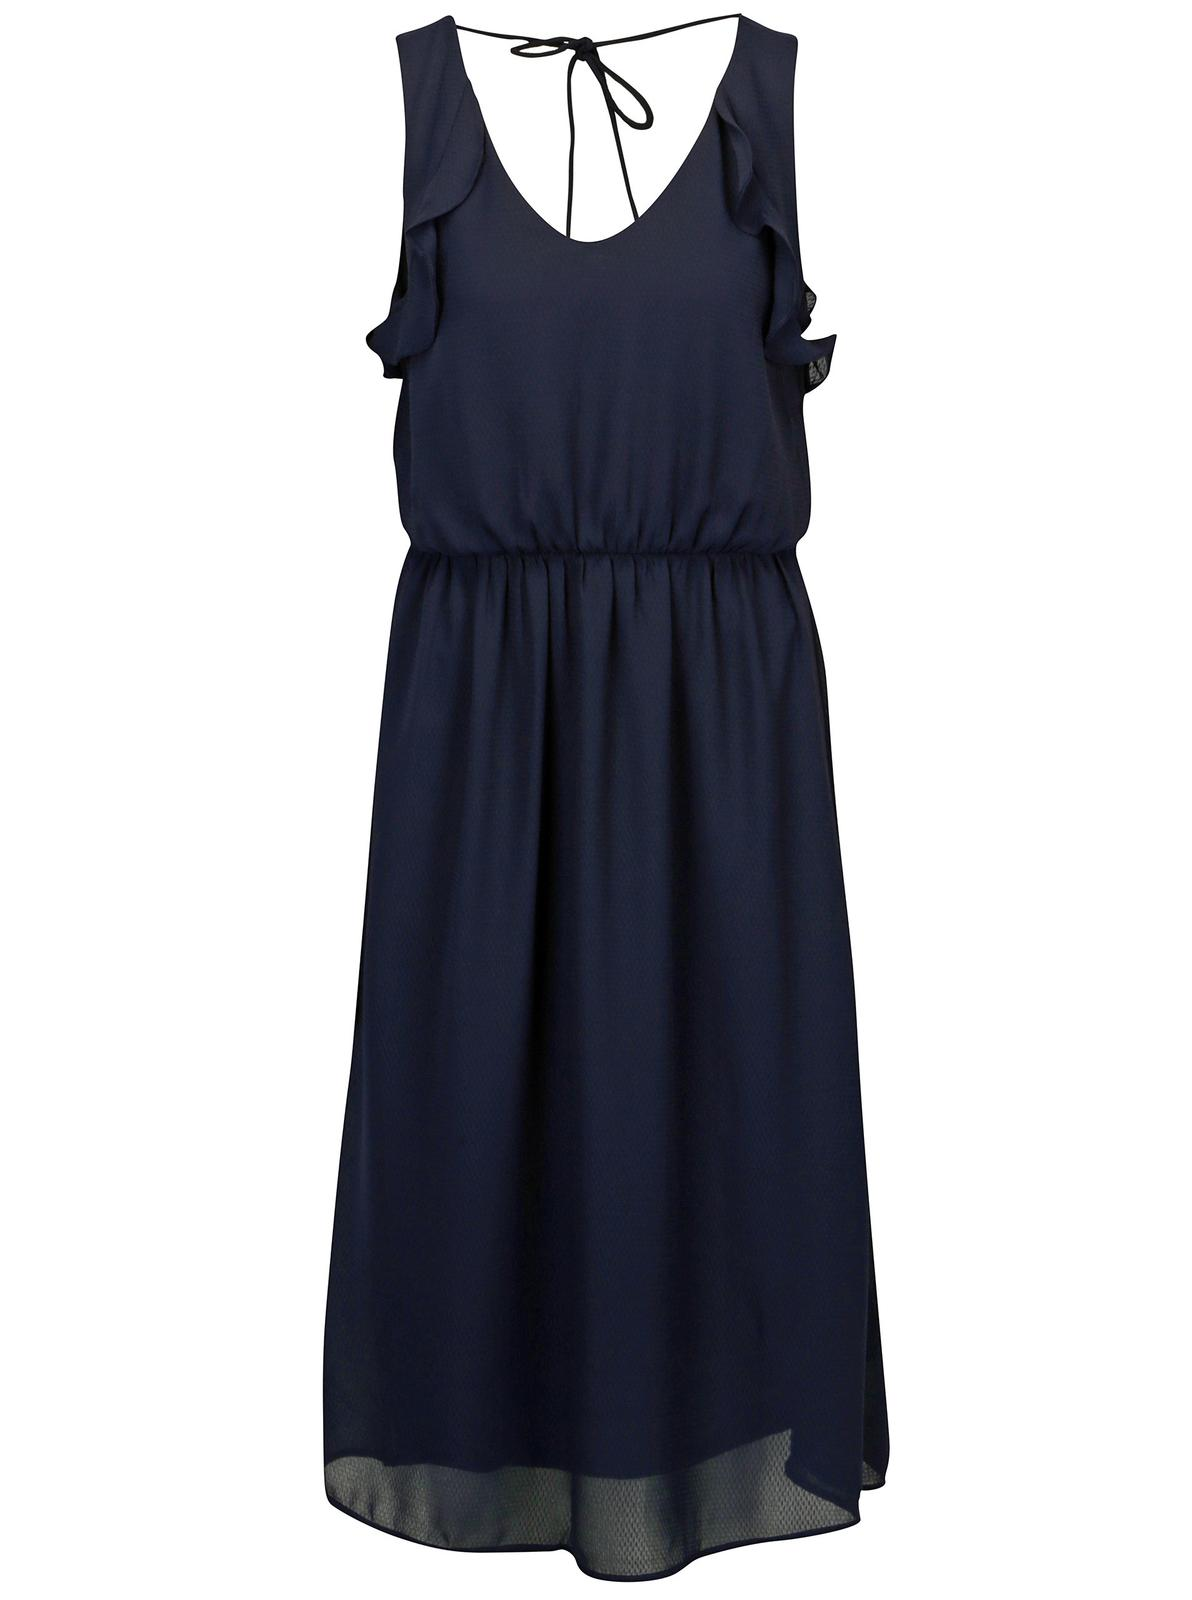 Šaty Vero moda s volánikom M - Obrázok č. 1